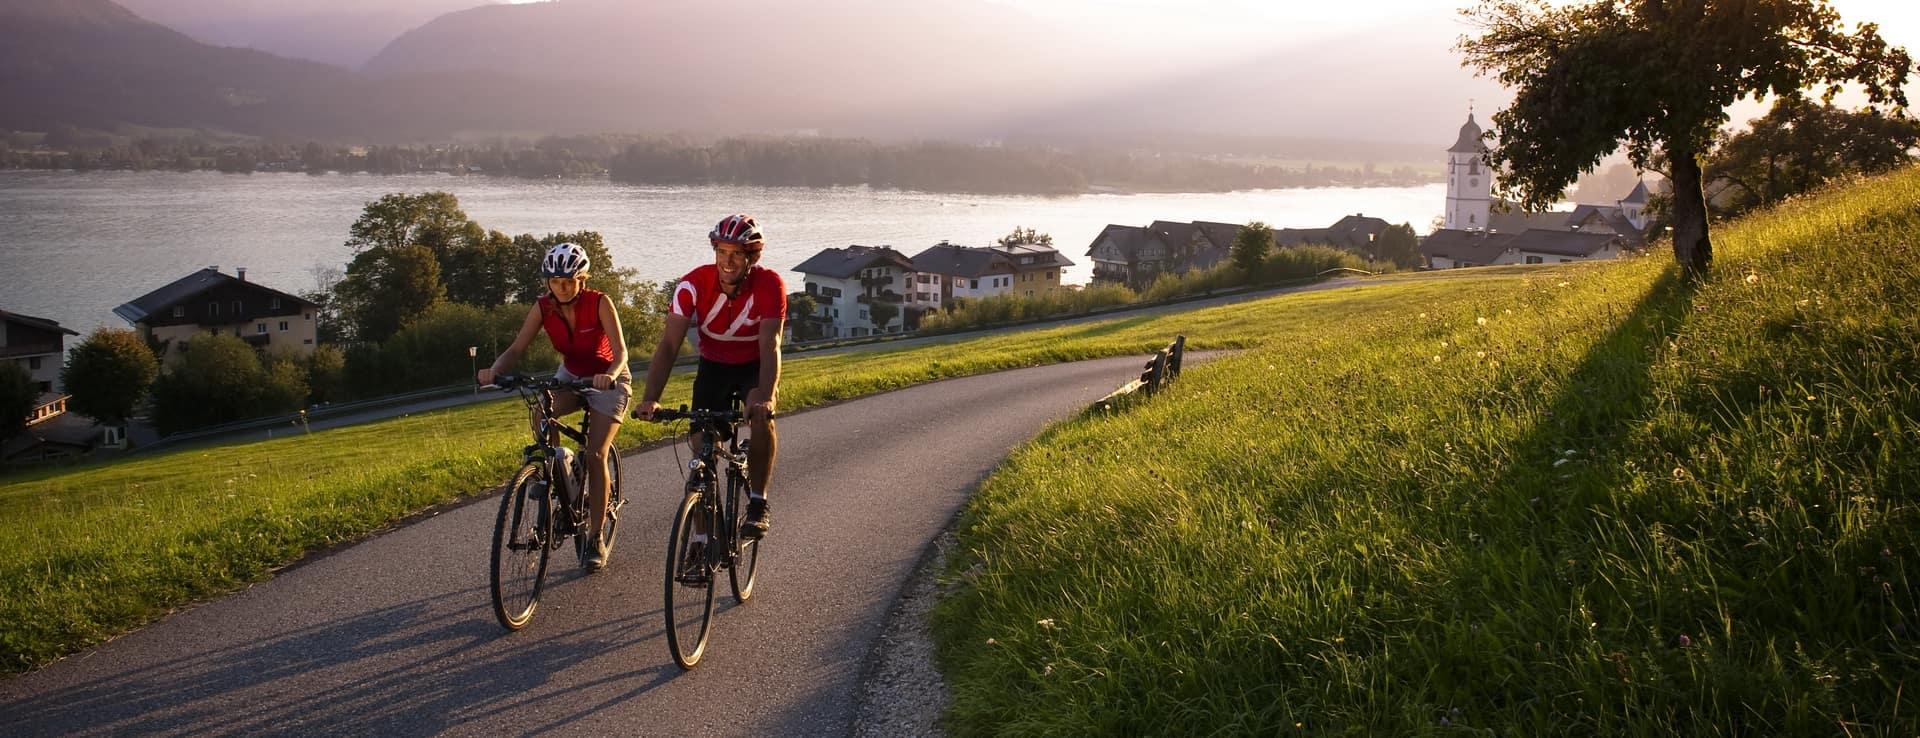 Cykling i Salzkammergut cykelsemester i Österrike